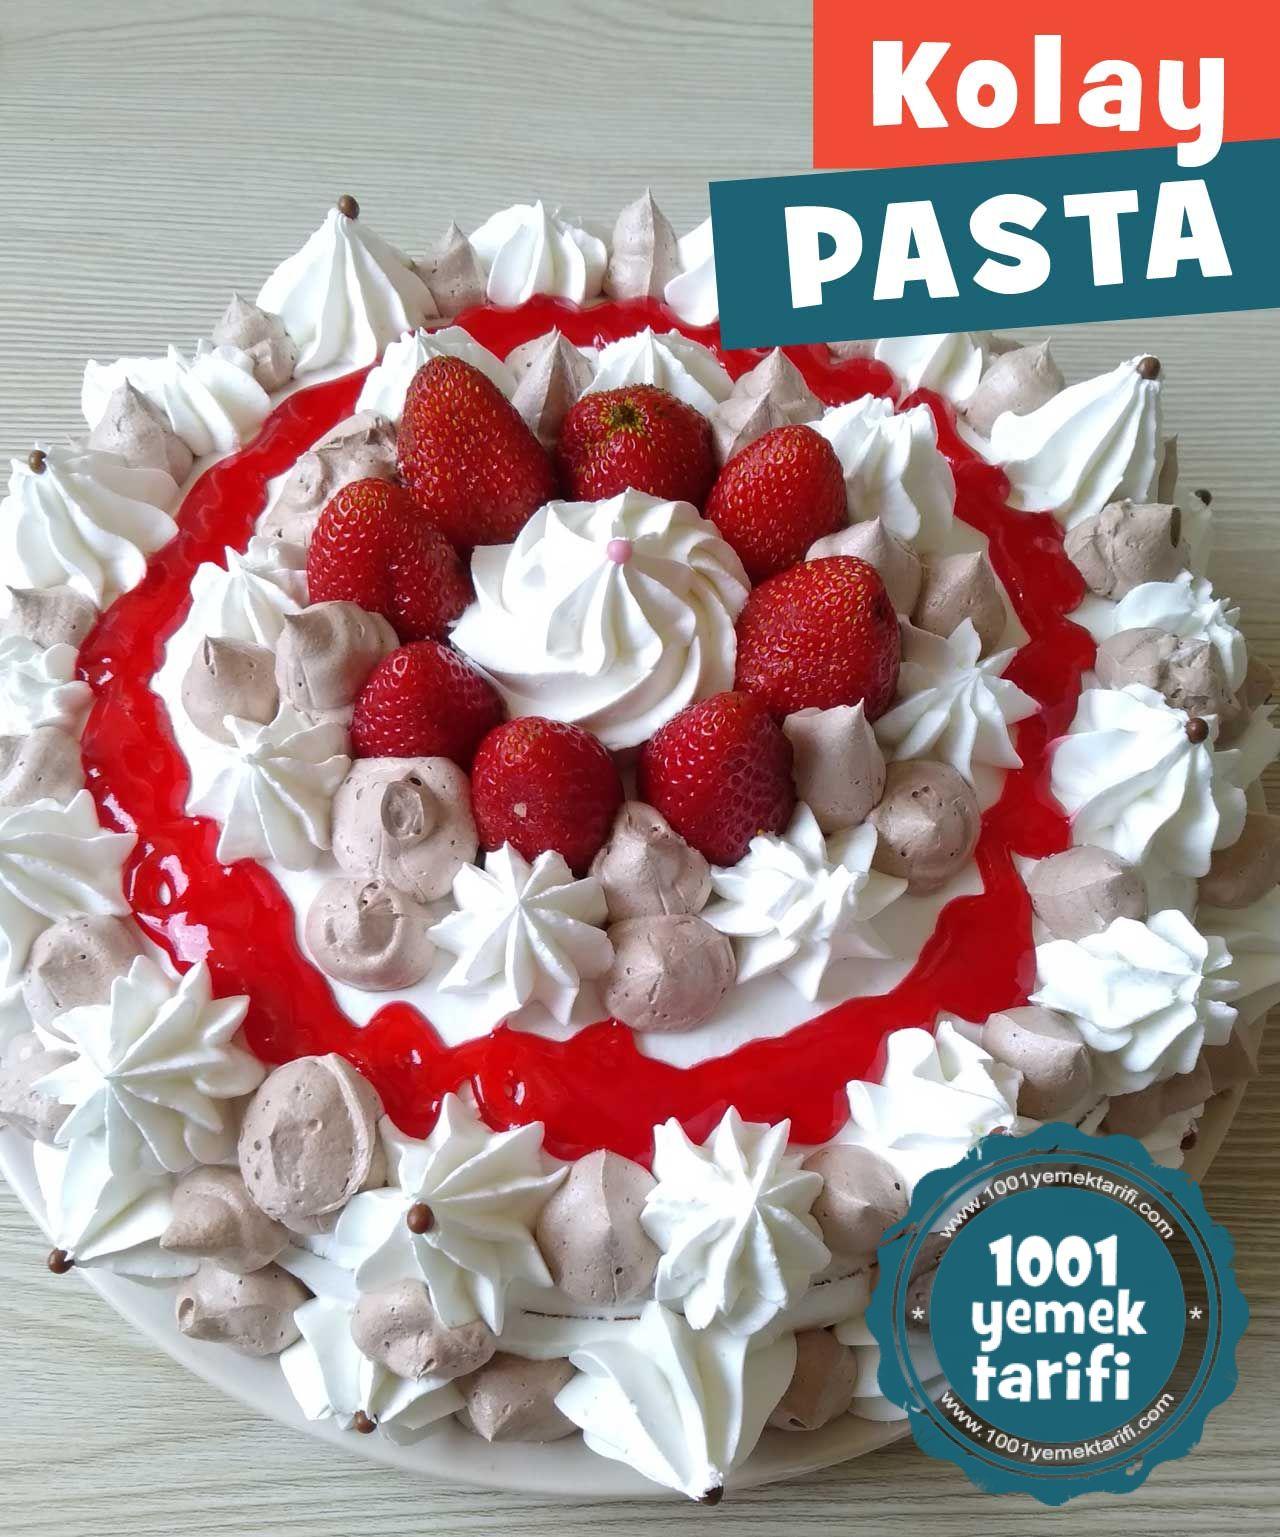 Evde Kolay Yaş Pasta Tarifi - 1001YemekTarifi